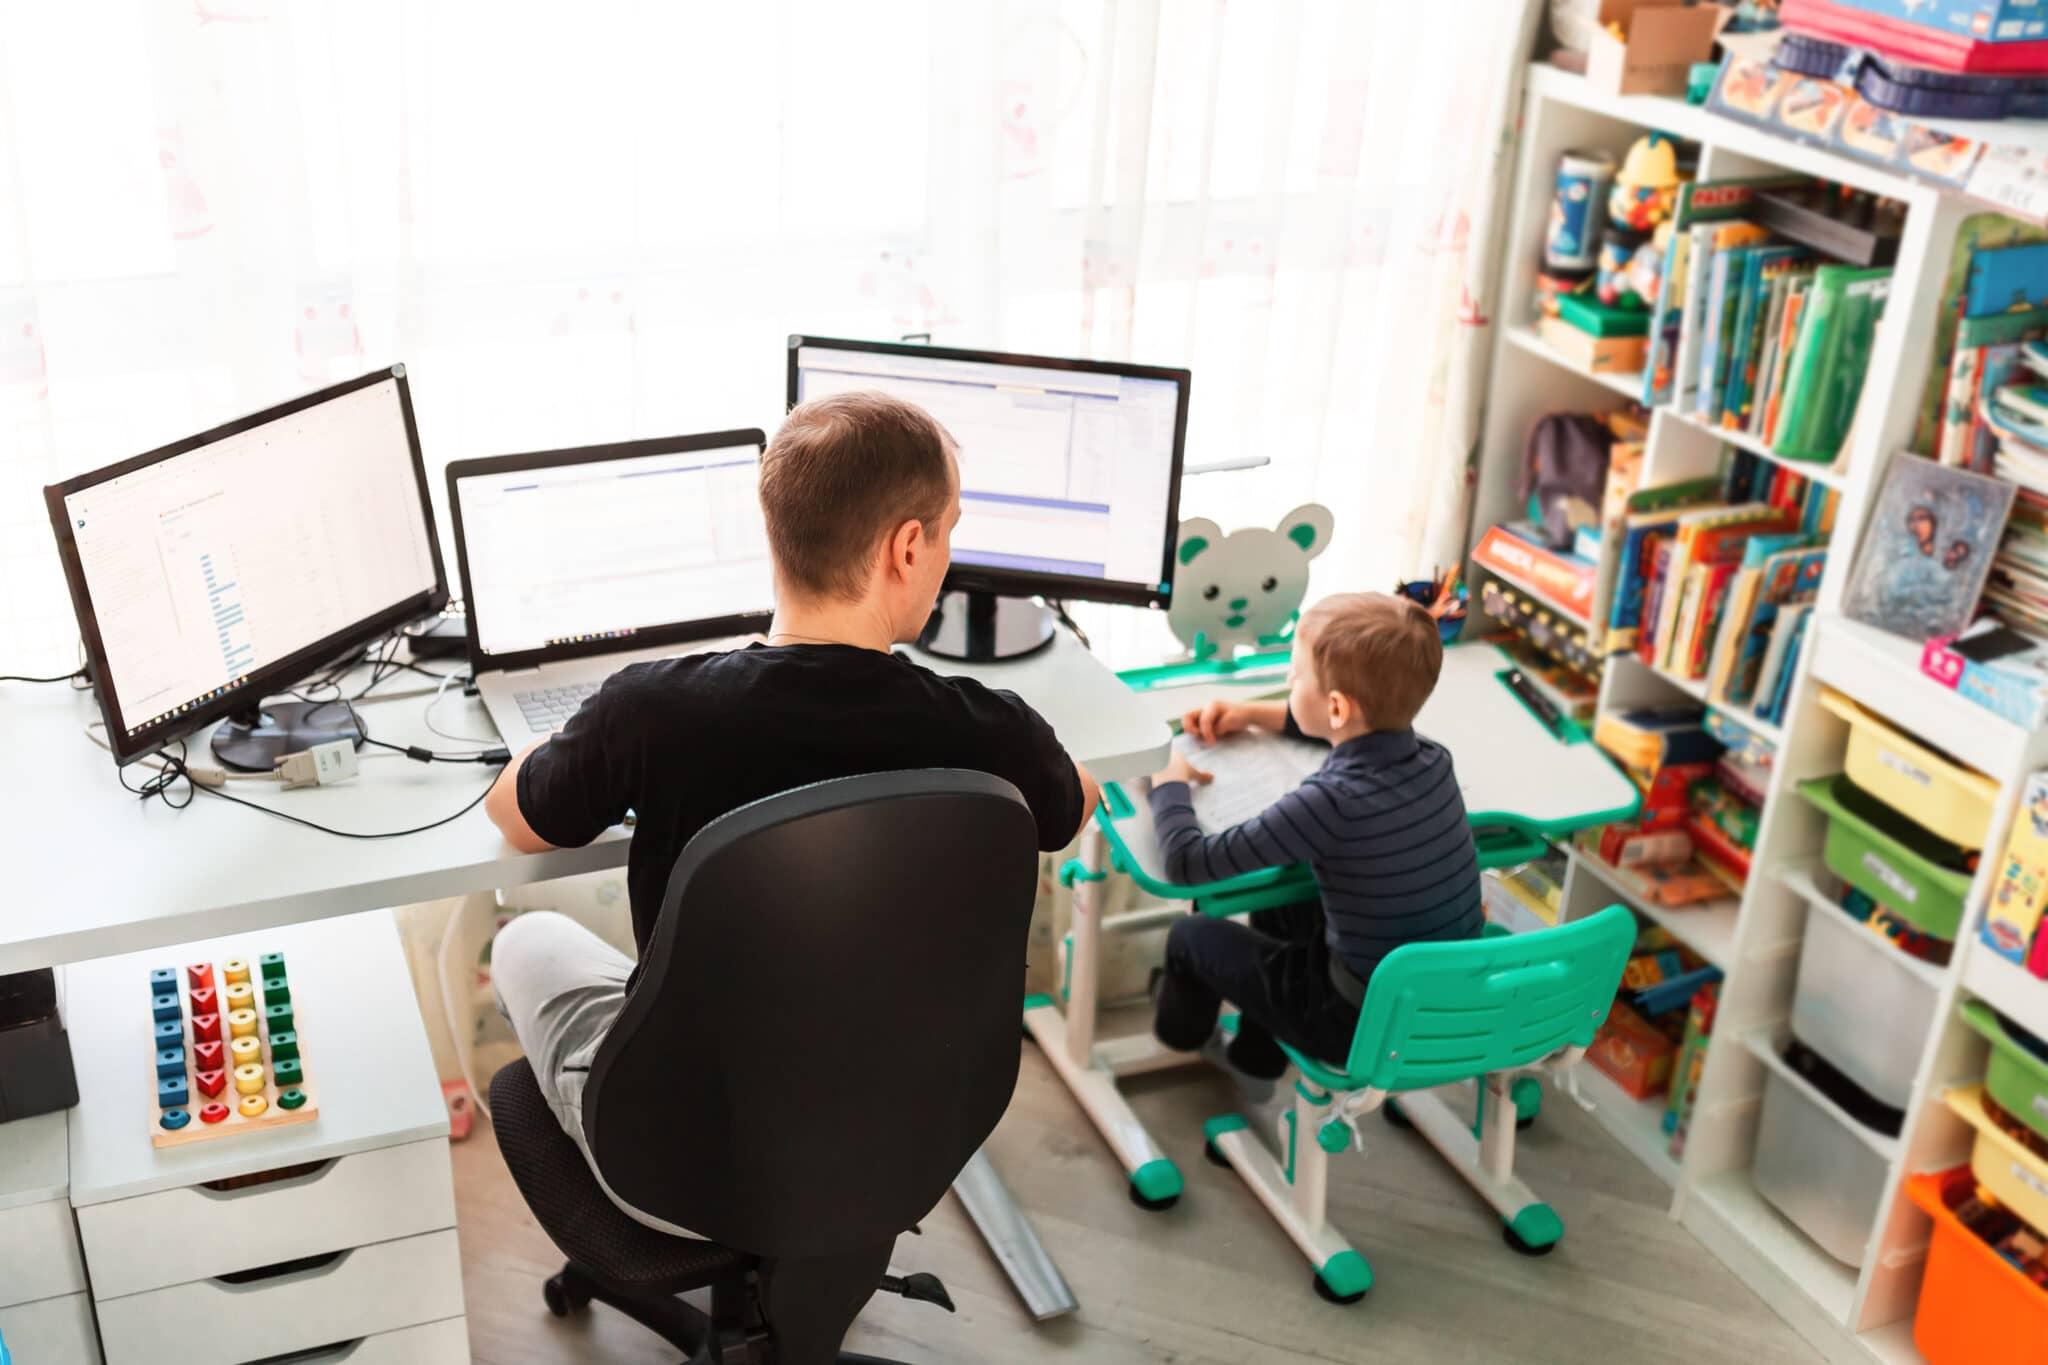 Mann arbeitet beim Computer; Kind sitzt daneben und zeichnet